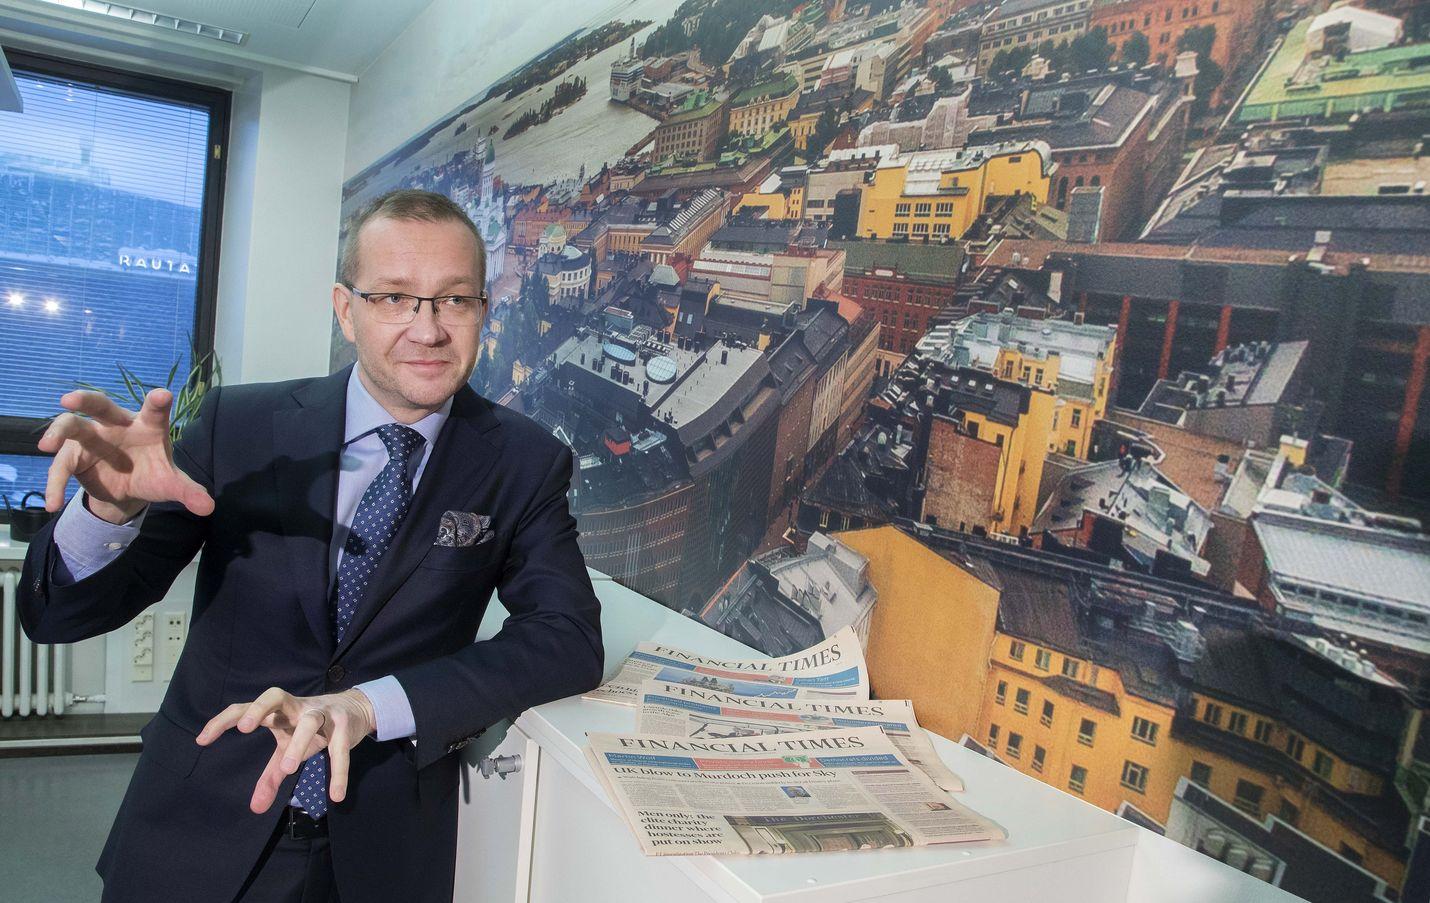 Keskuskauppakamarin Juho Romakkaniemi lieventäisi työehtosopimusten yleissitovuutta.